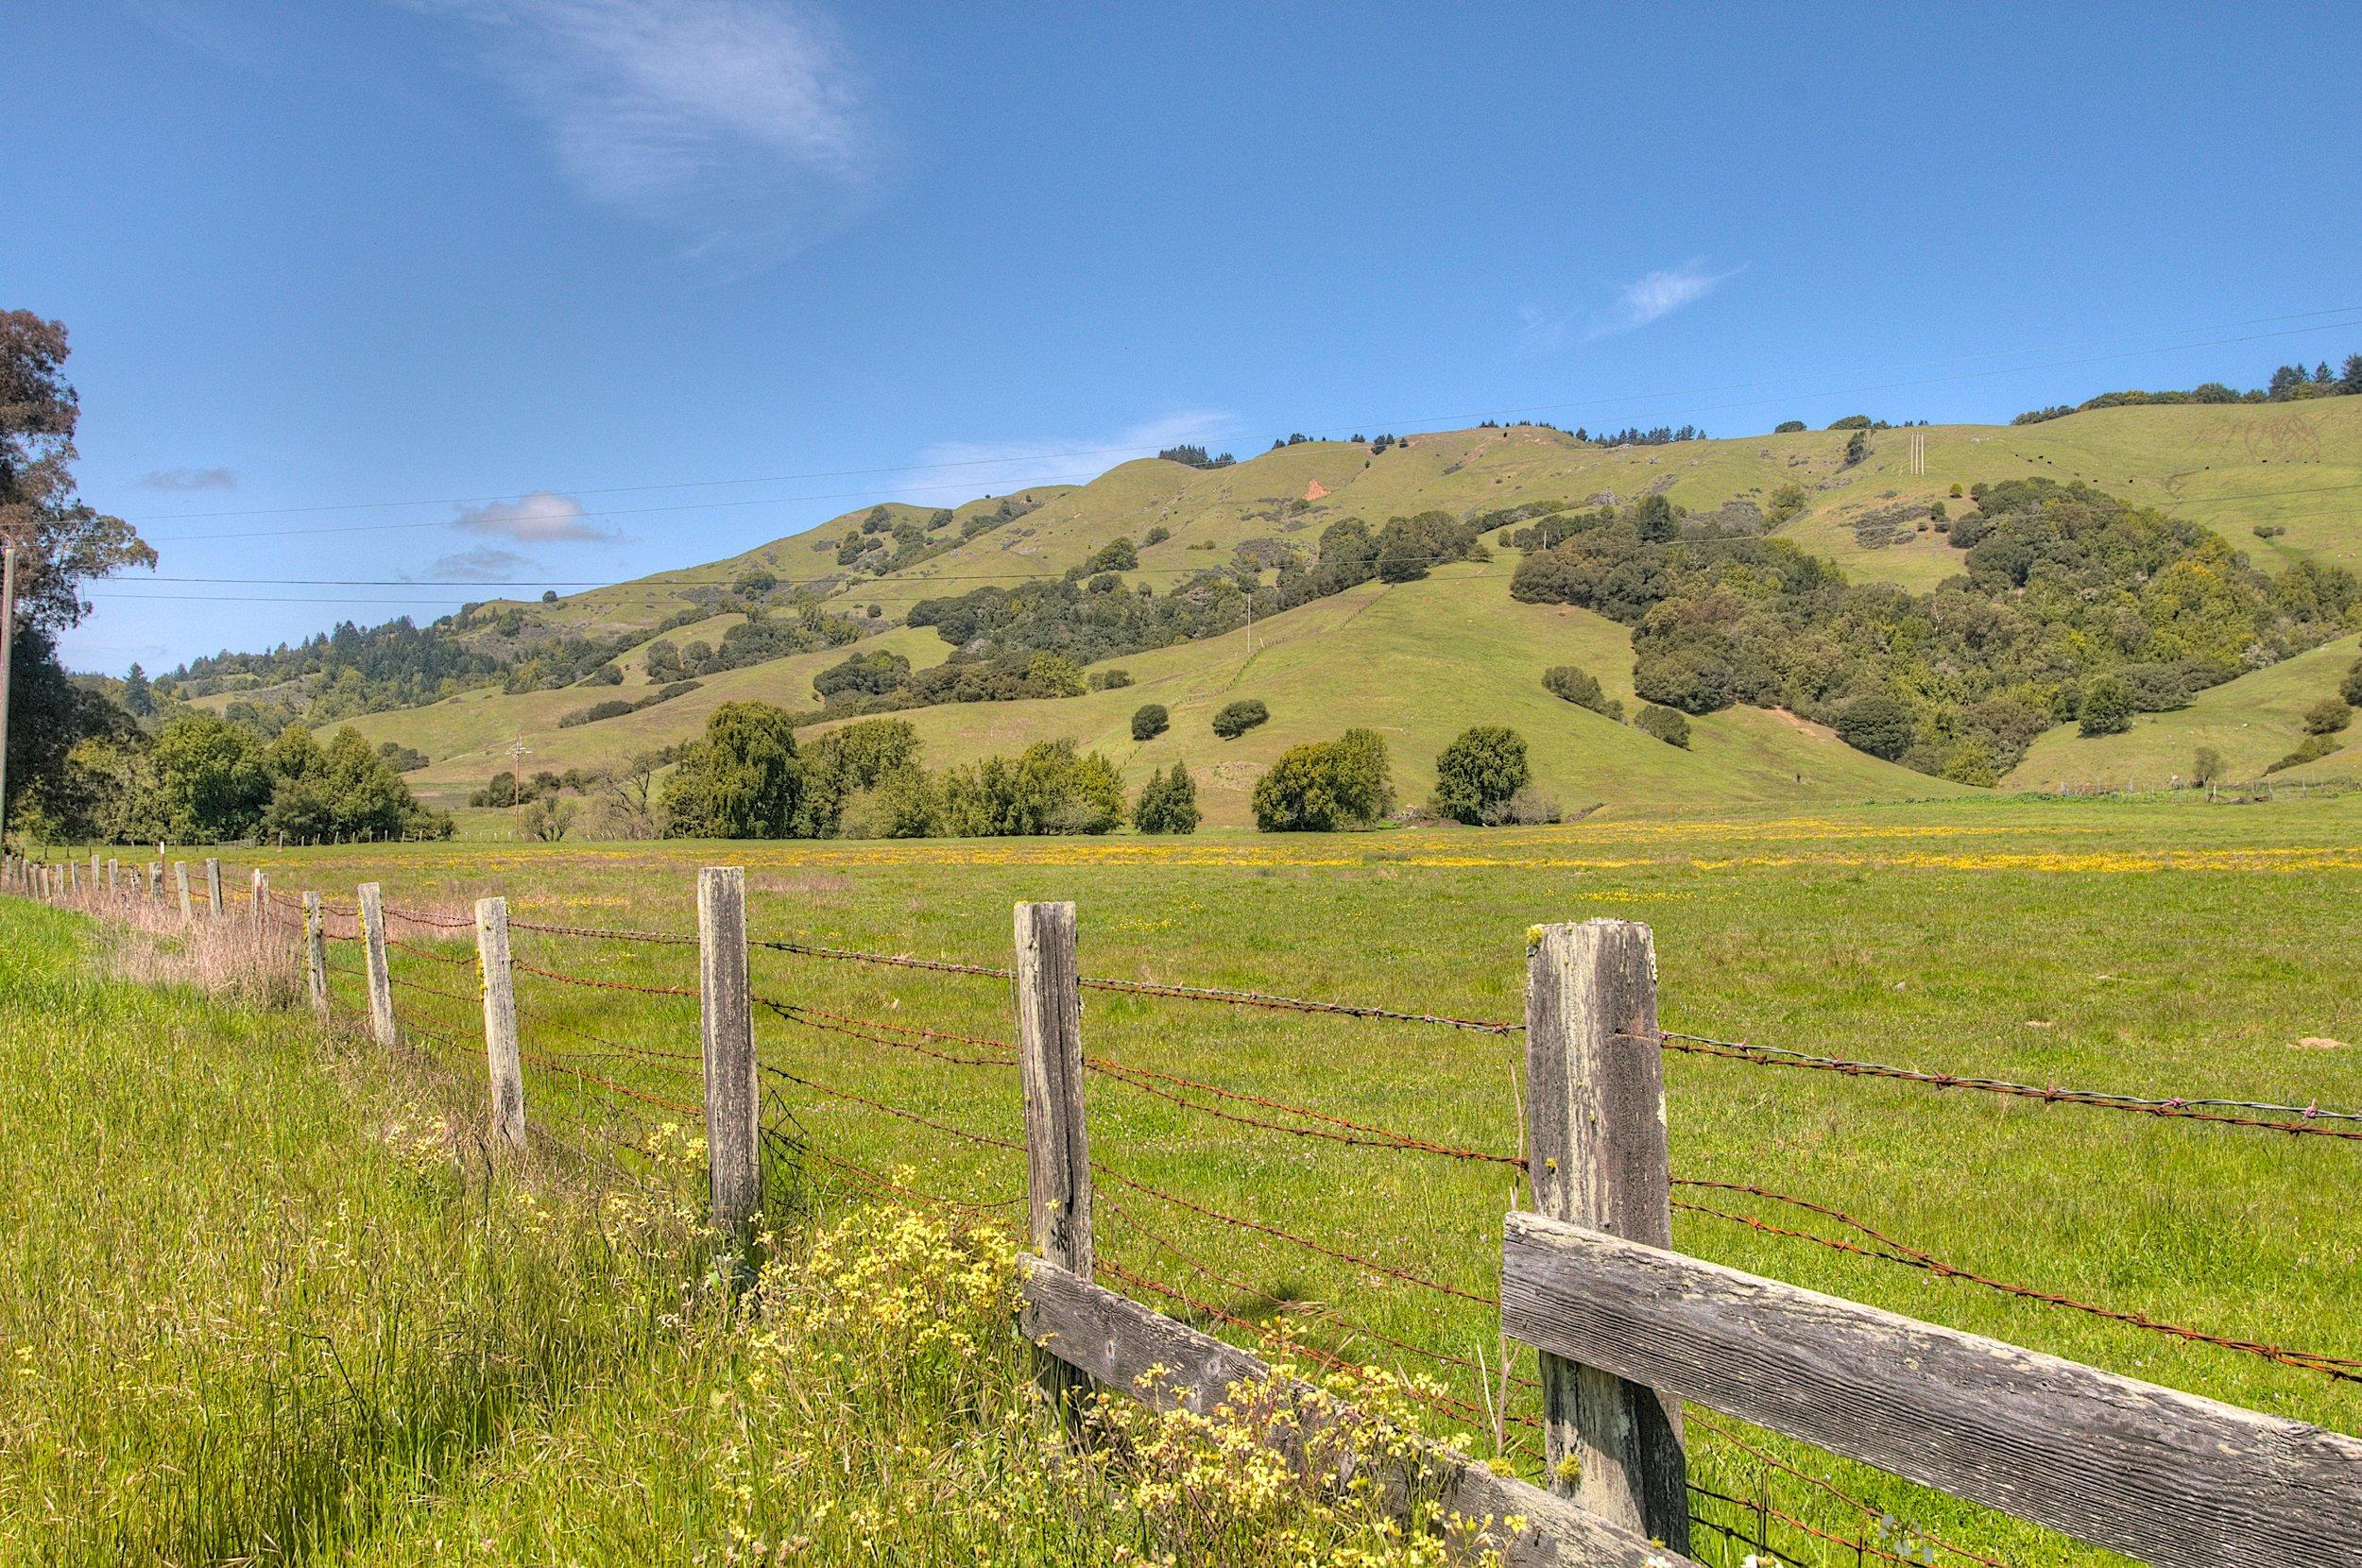 westmarin_farmlands.jpg